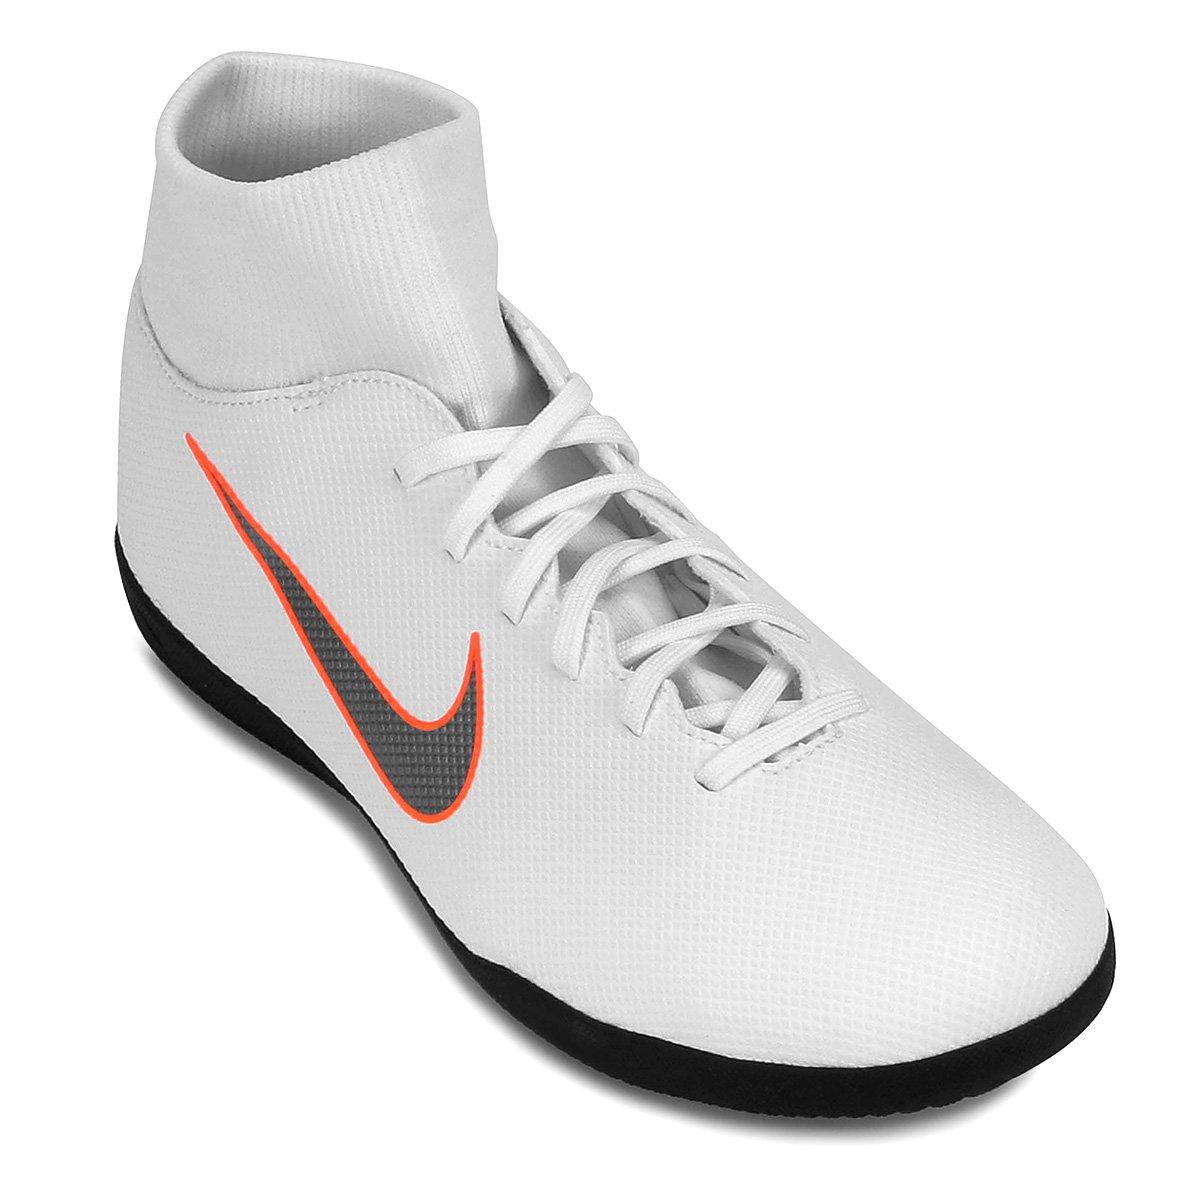 e837a326ee Chuteira Futsal Nike Mercurial Superfly 6 Club - Branco e Cinza ...